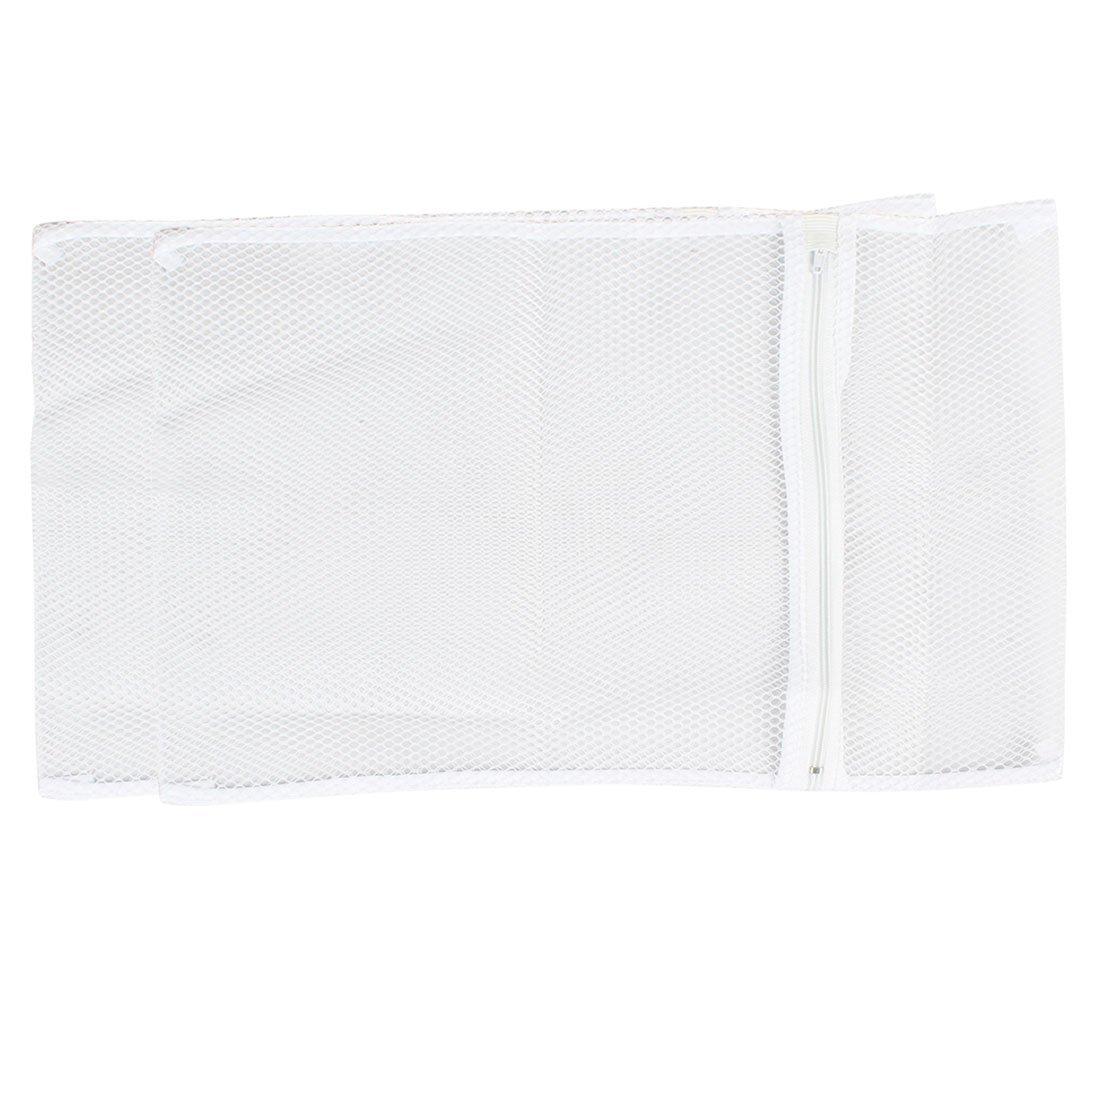 uxcell® Washing Machine Nylon Mesh Clothes Socks Washing Bag 39cm x 28cm 2 Pcs